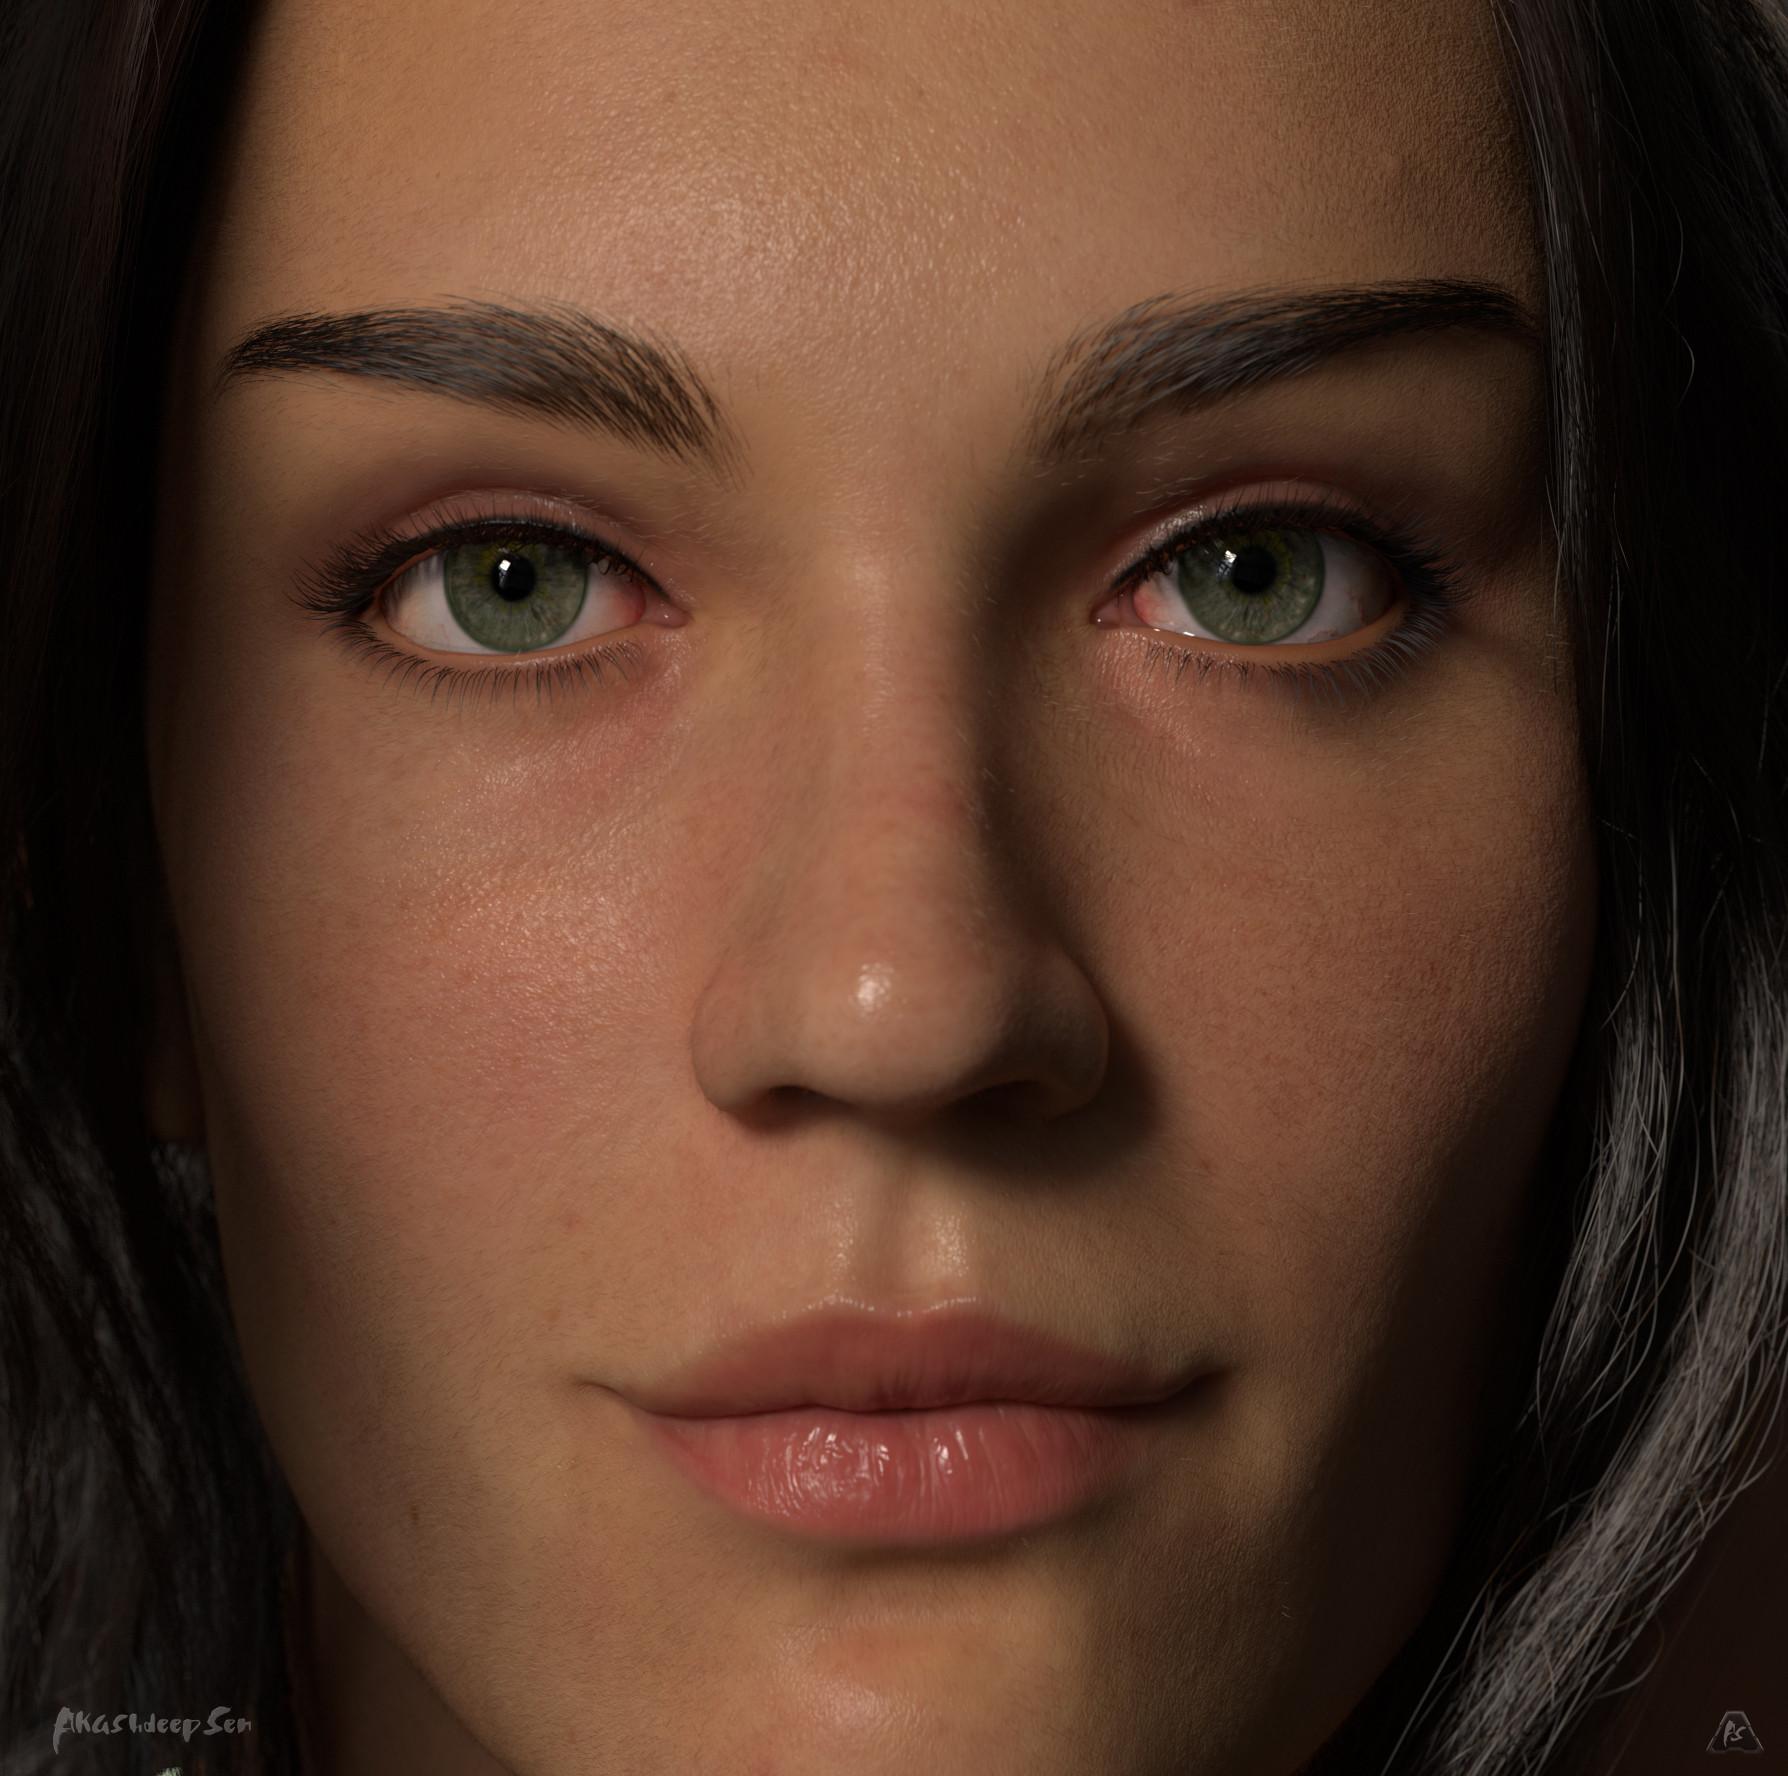 Gina Closeup